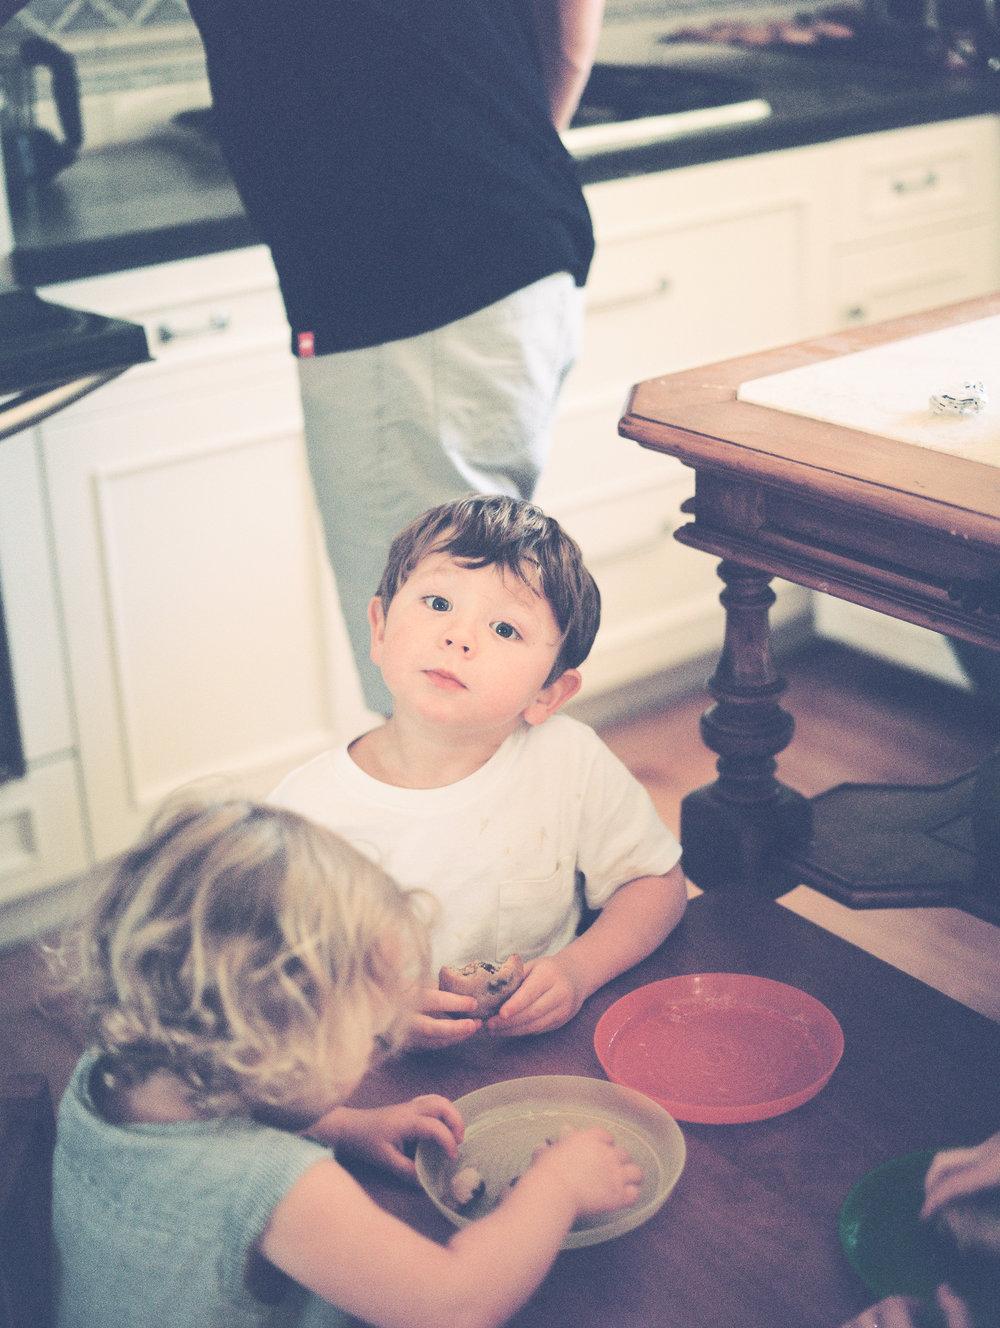 Douglas-family-film-session-51.jpg